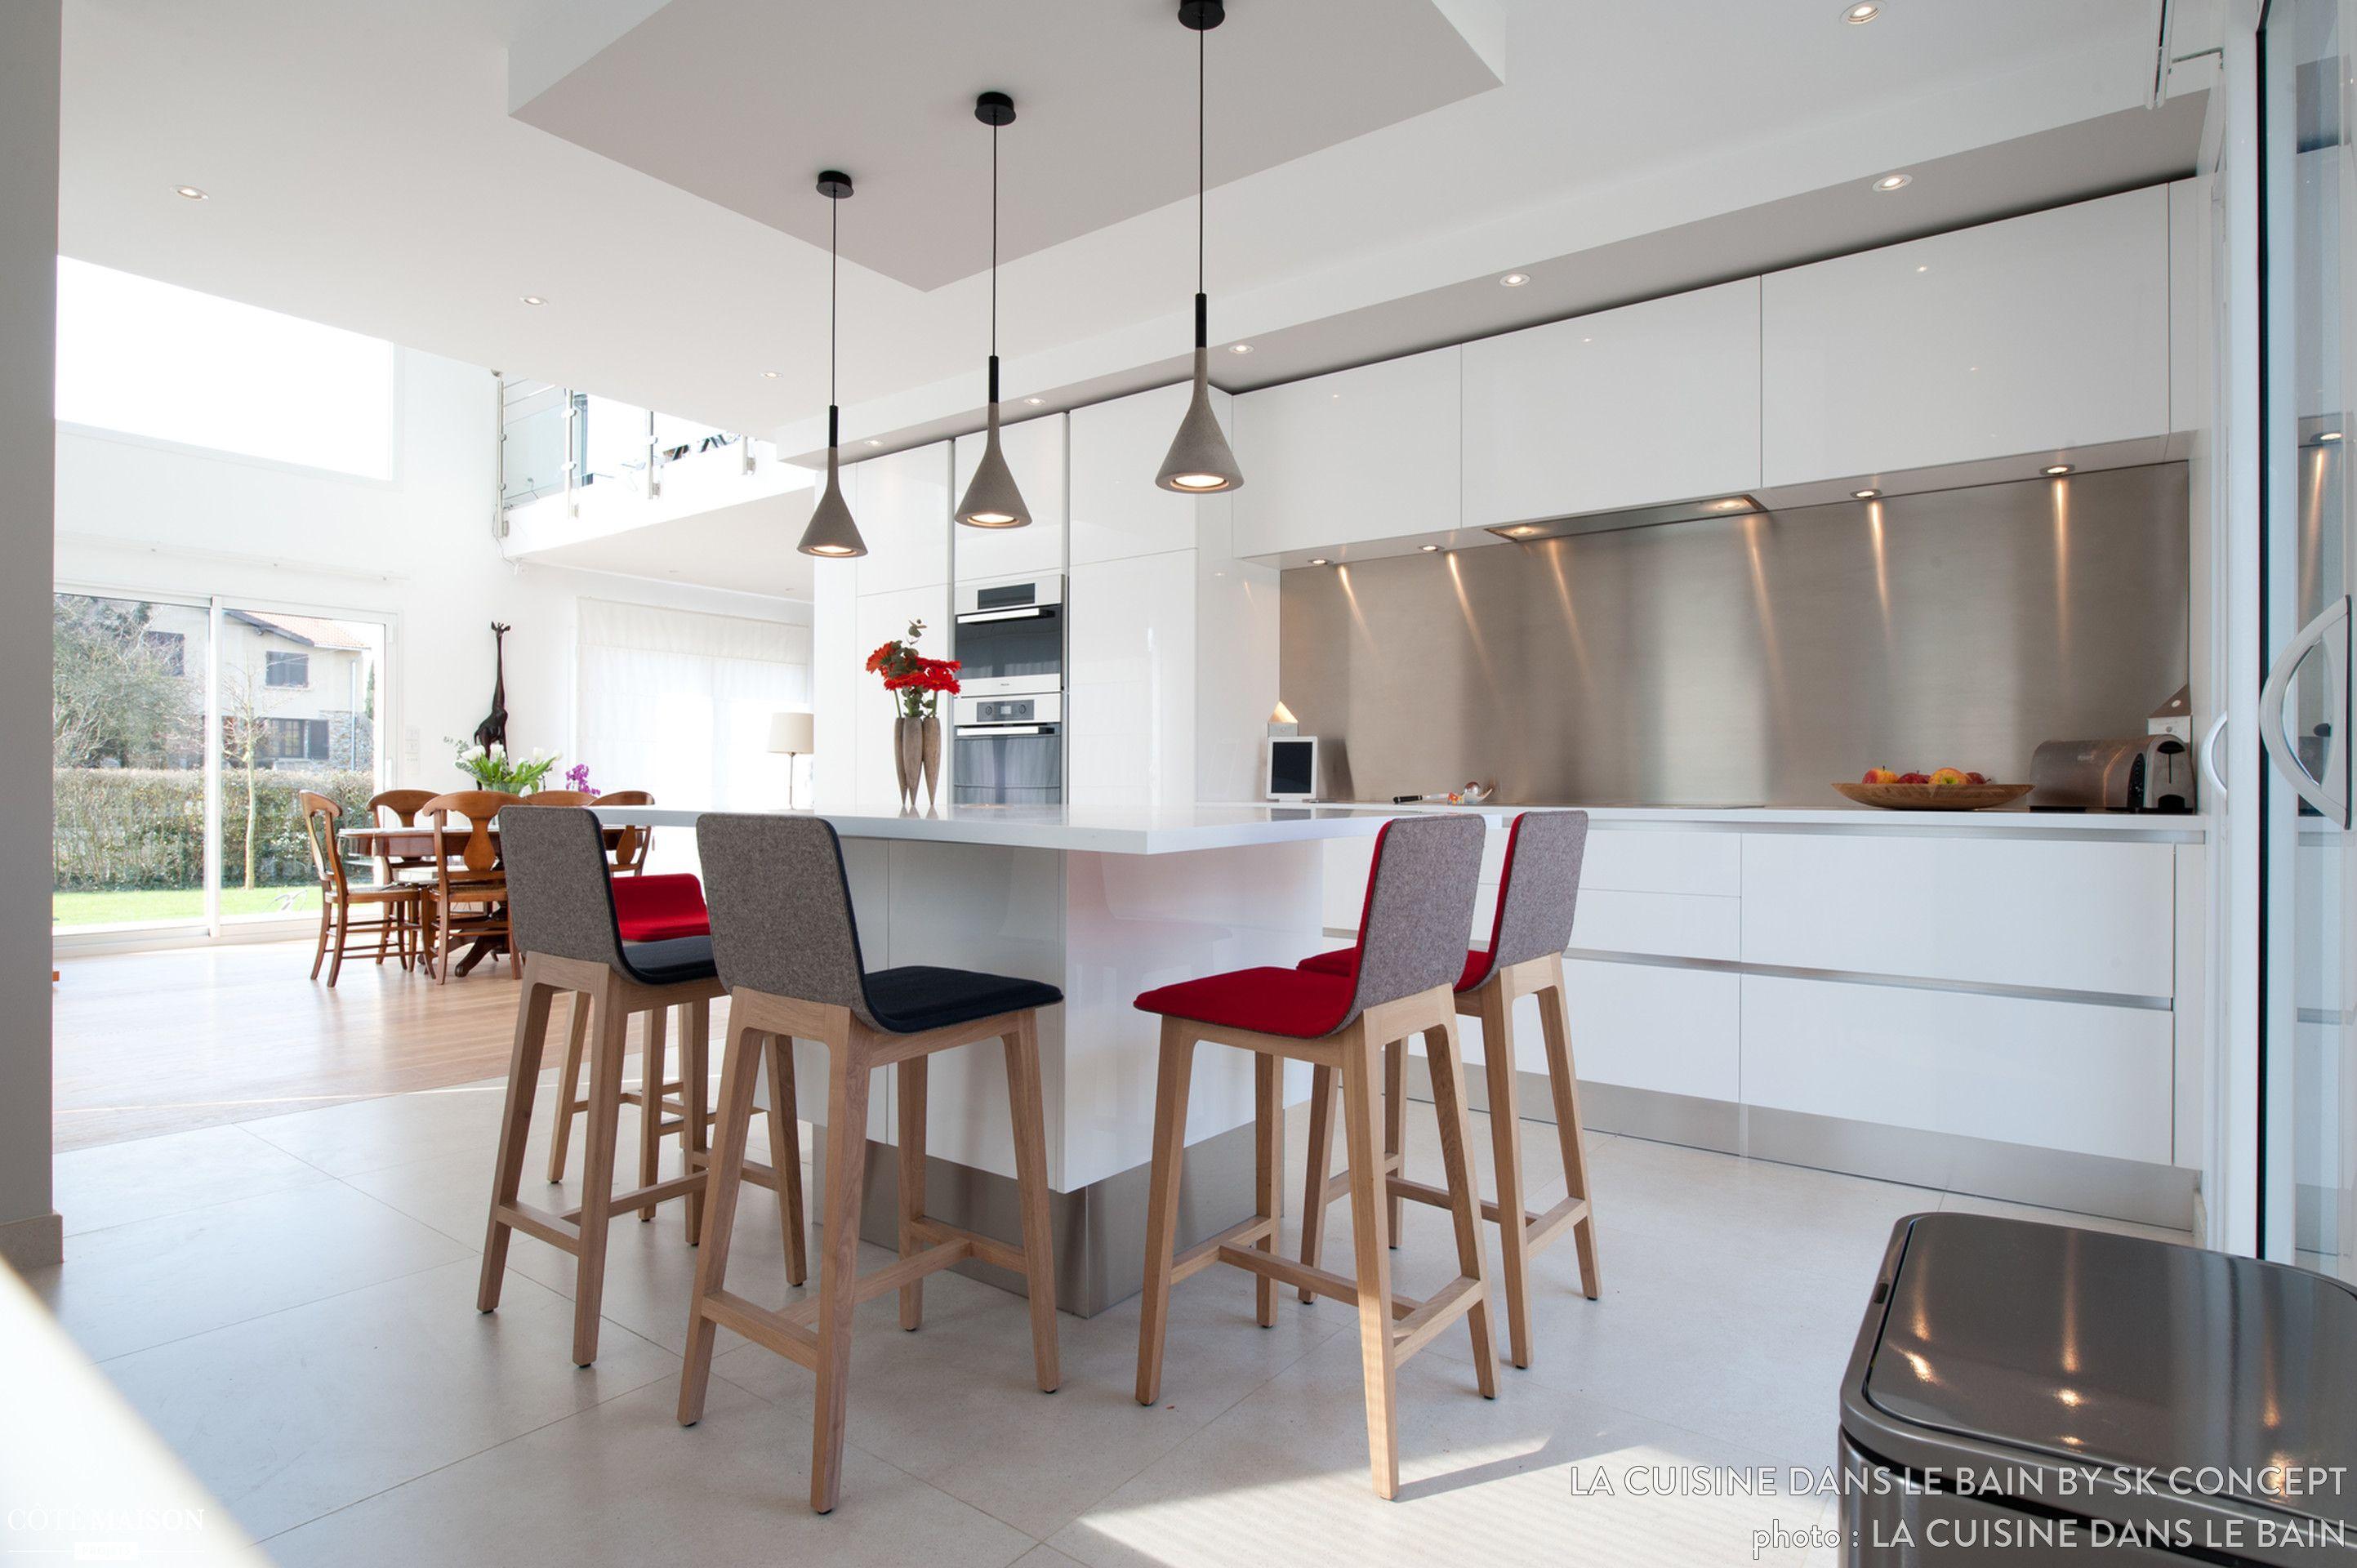 Une Cuisine Design Italien Total Look Blanc Avec Ilot Central